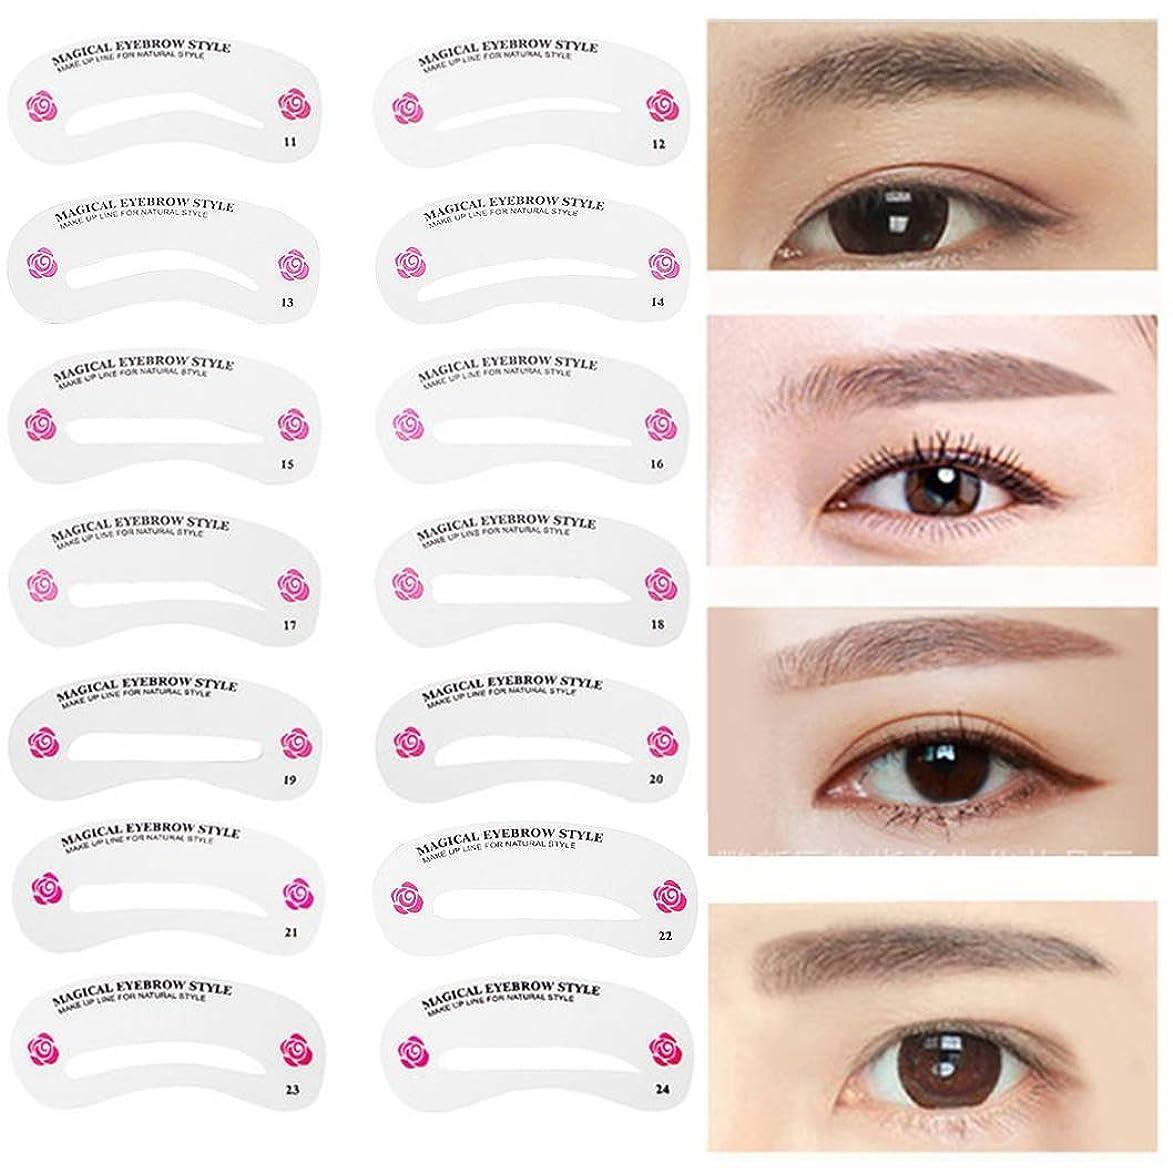 安西過敏な過敏なMNoel 24種類 眉毛テンプレート24枚セット 太眉対応 24パターン 眉毛を気分で使い分け 眉用ステンシル